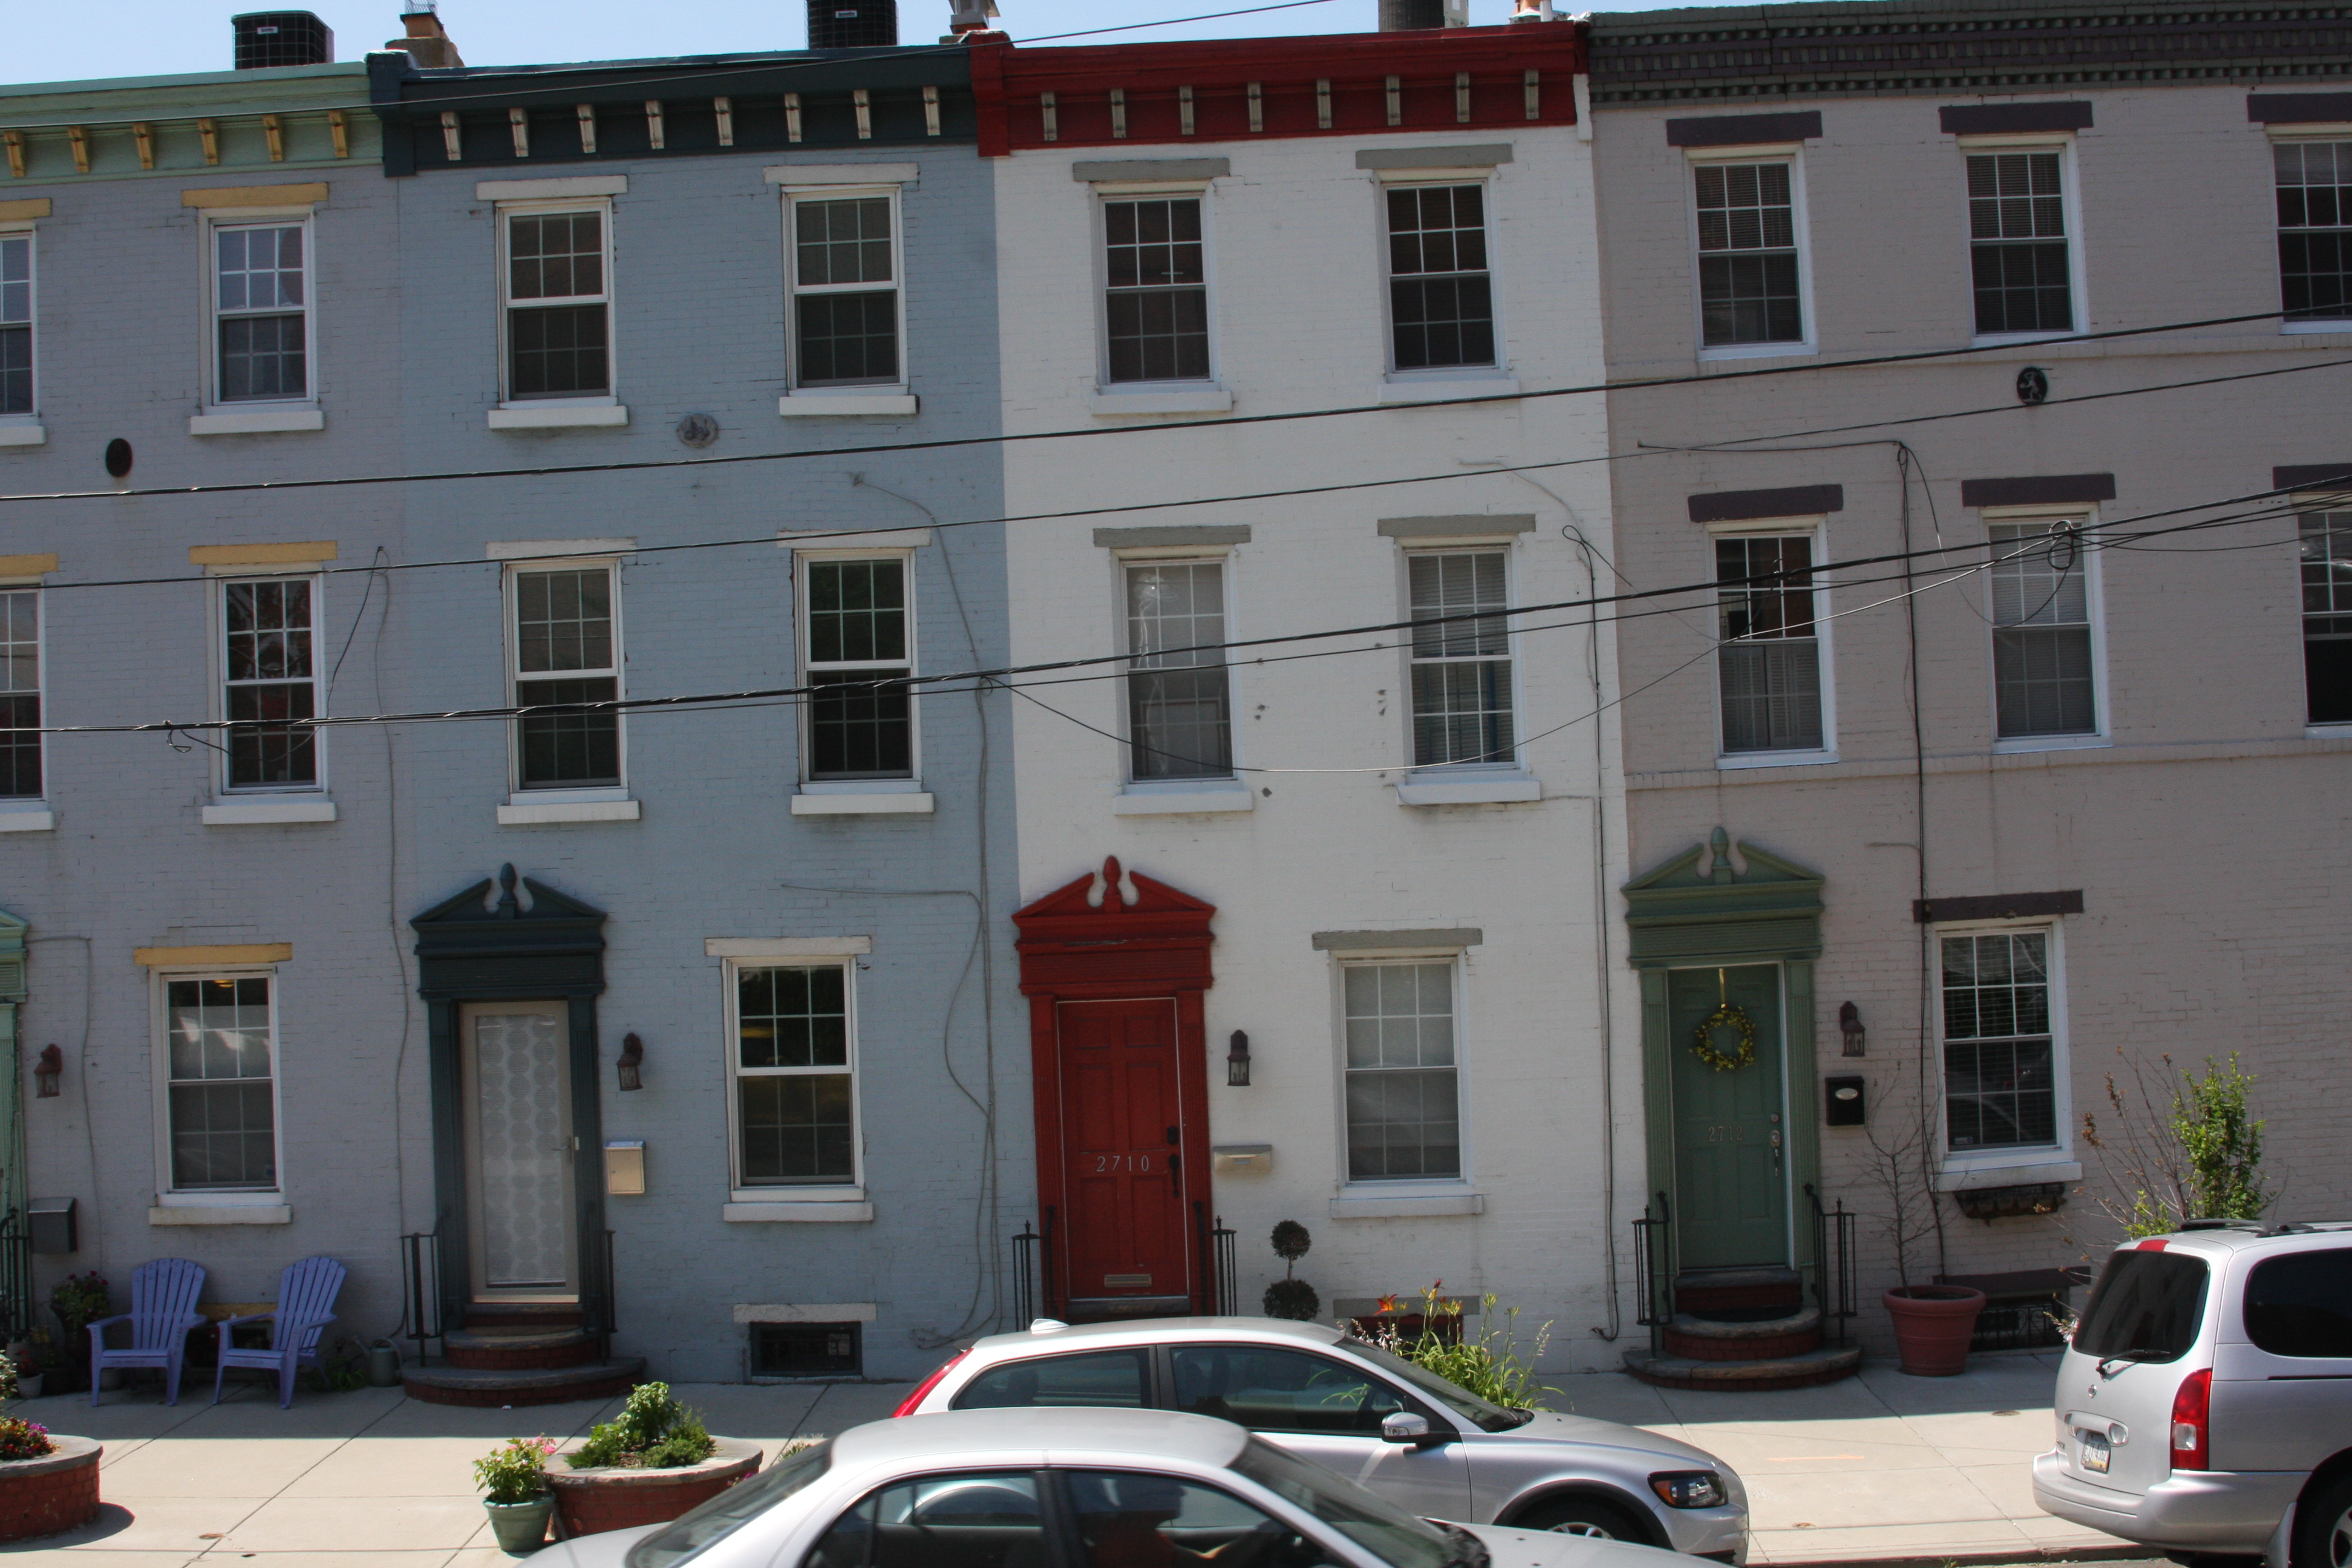 Shuykill Ave Row Homes